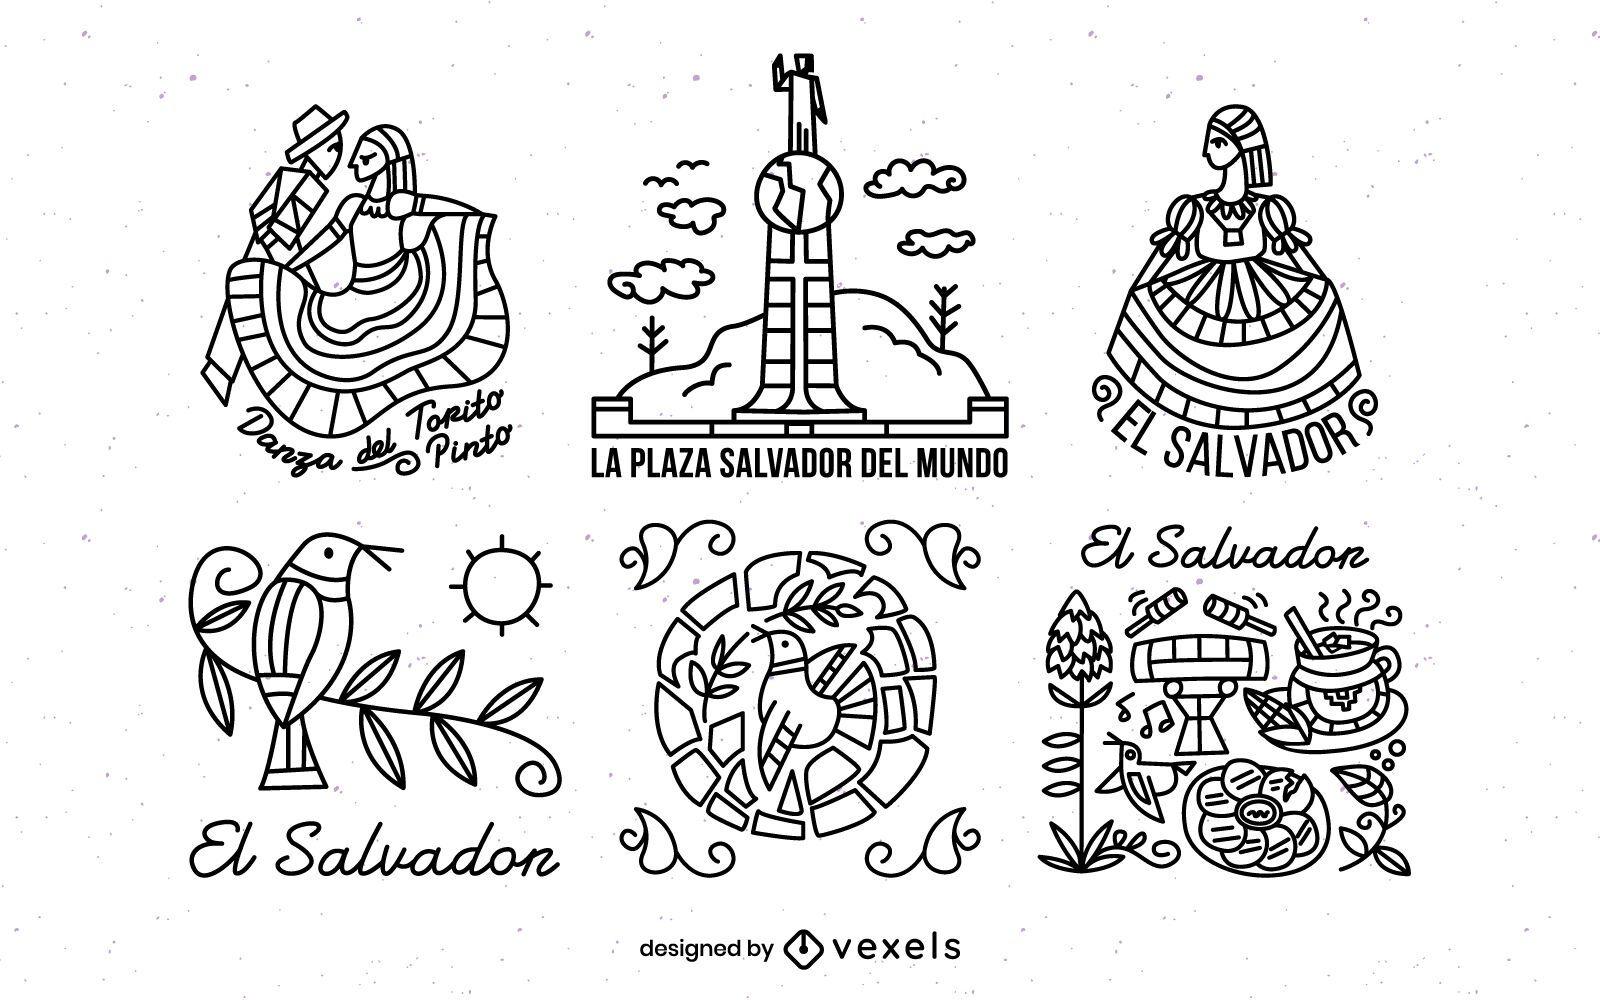 El Salvador Stroke Illustration Pack